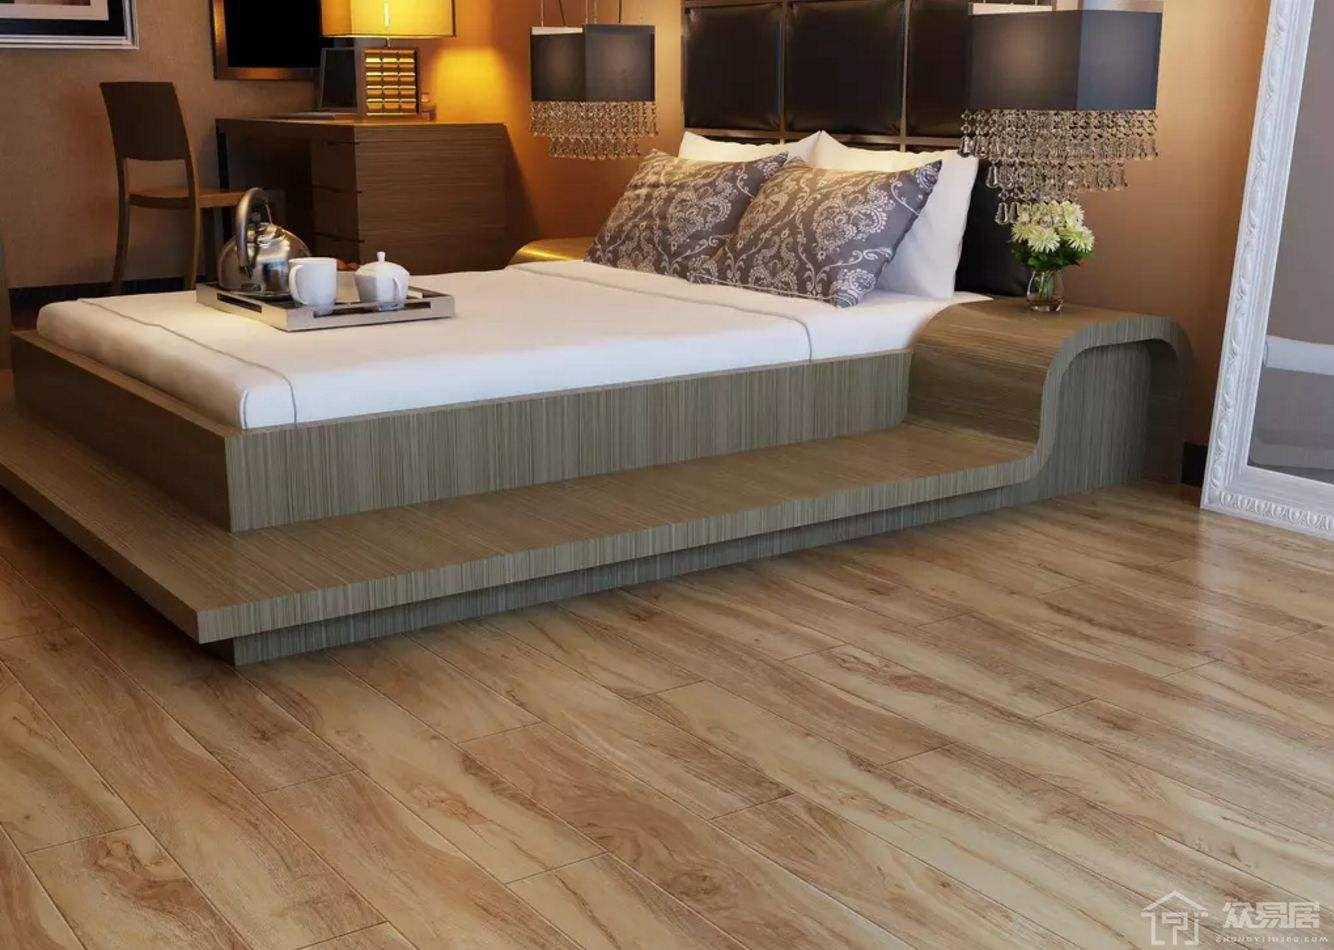 木地板验收技巧有哪些?地板如何保养?